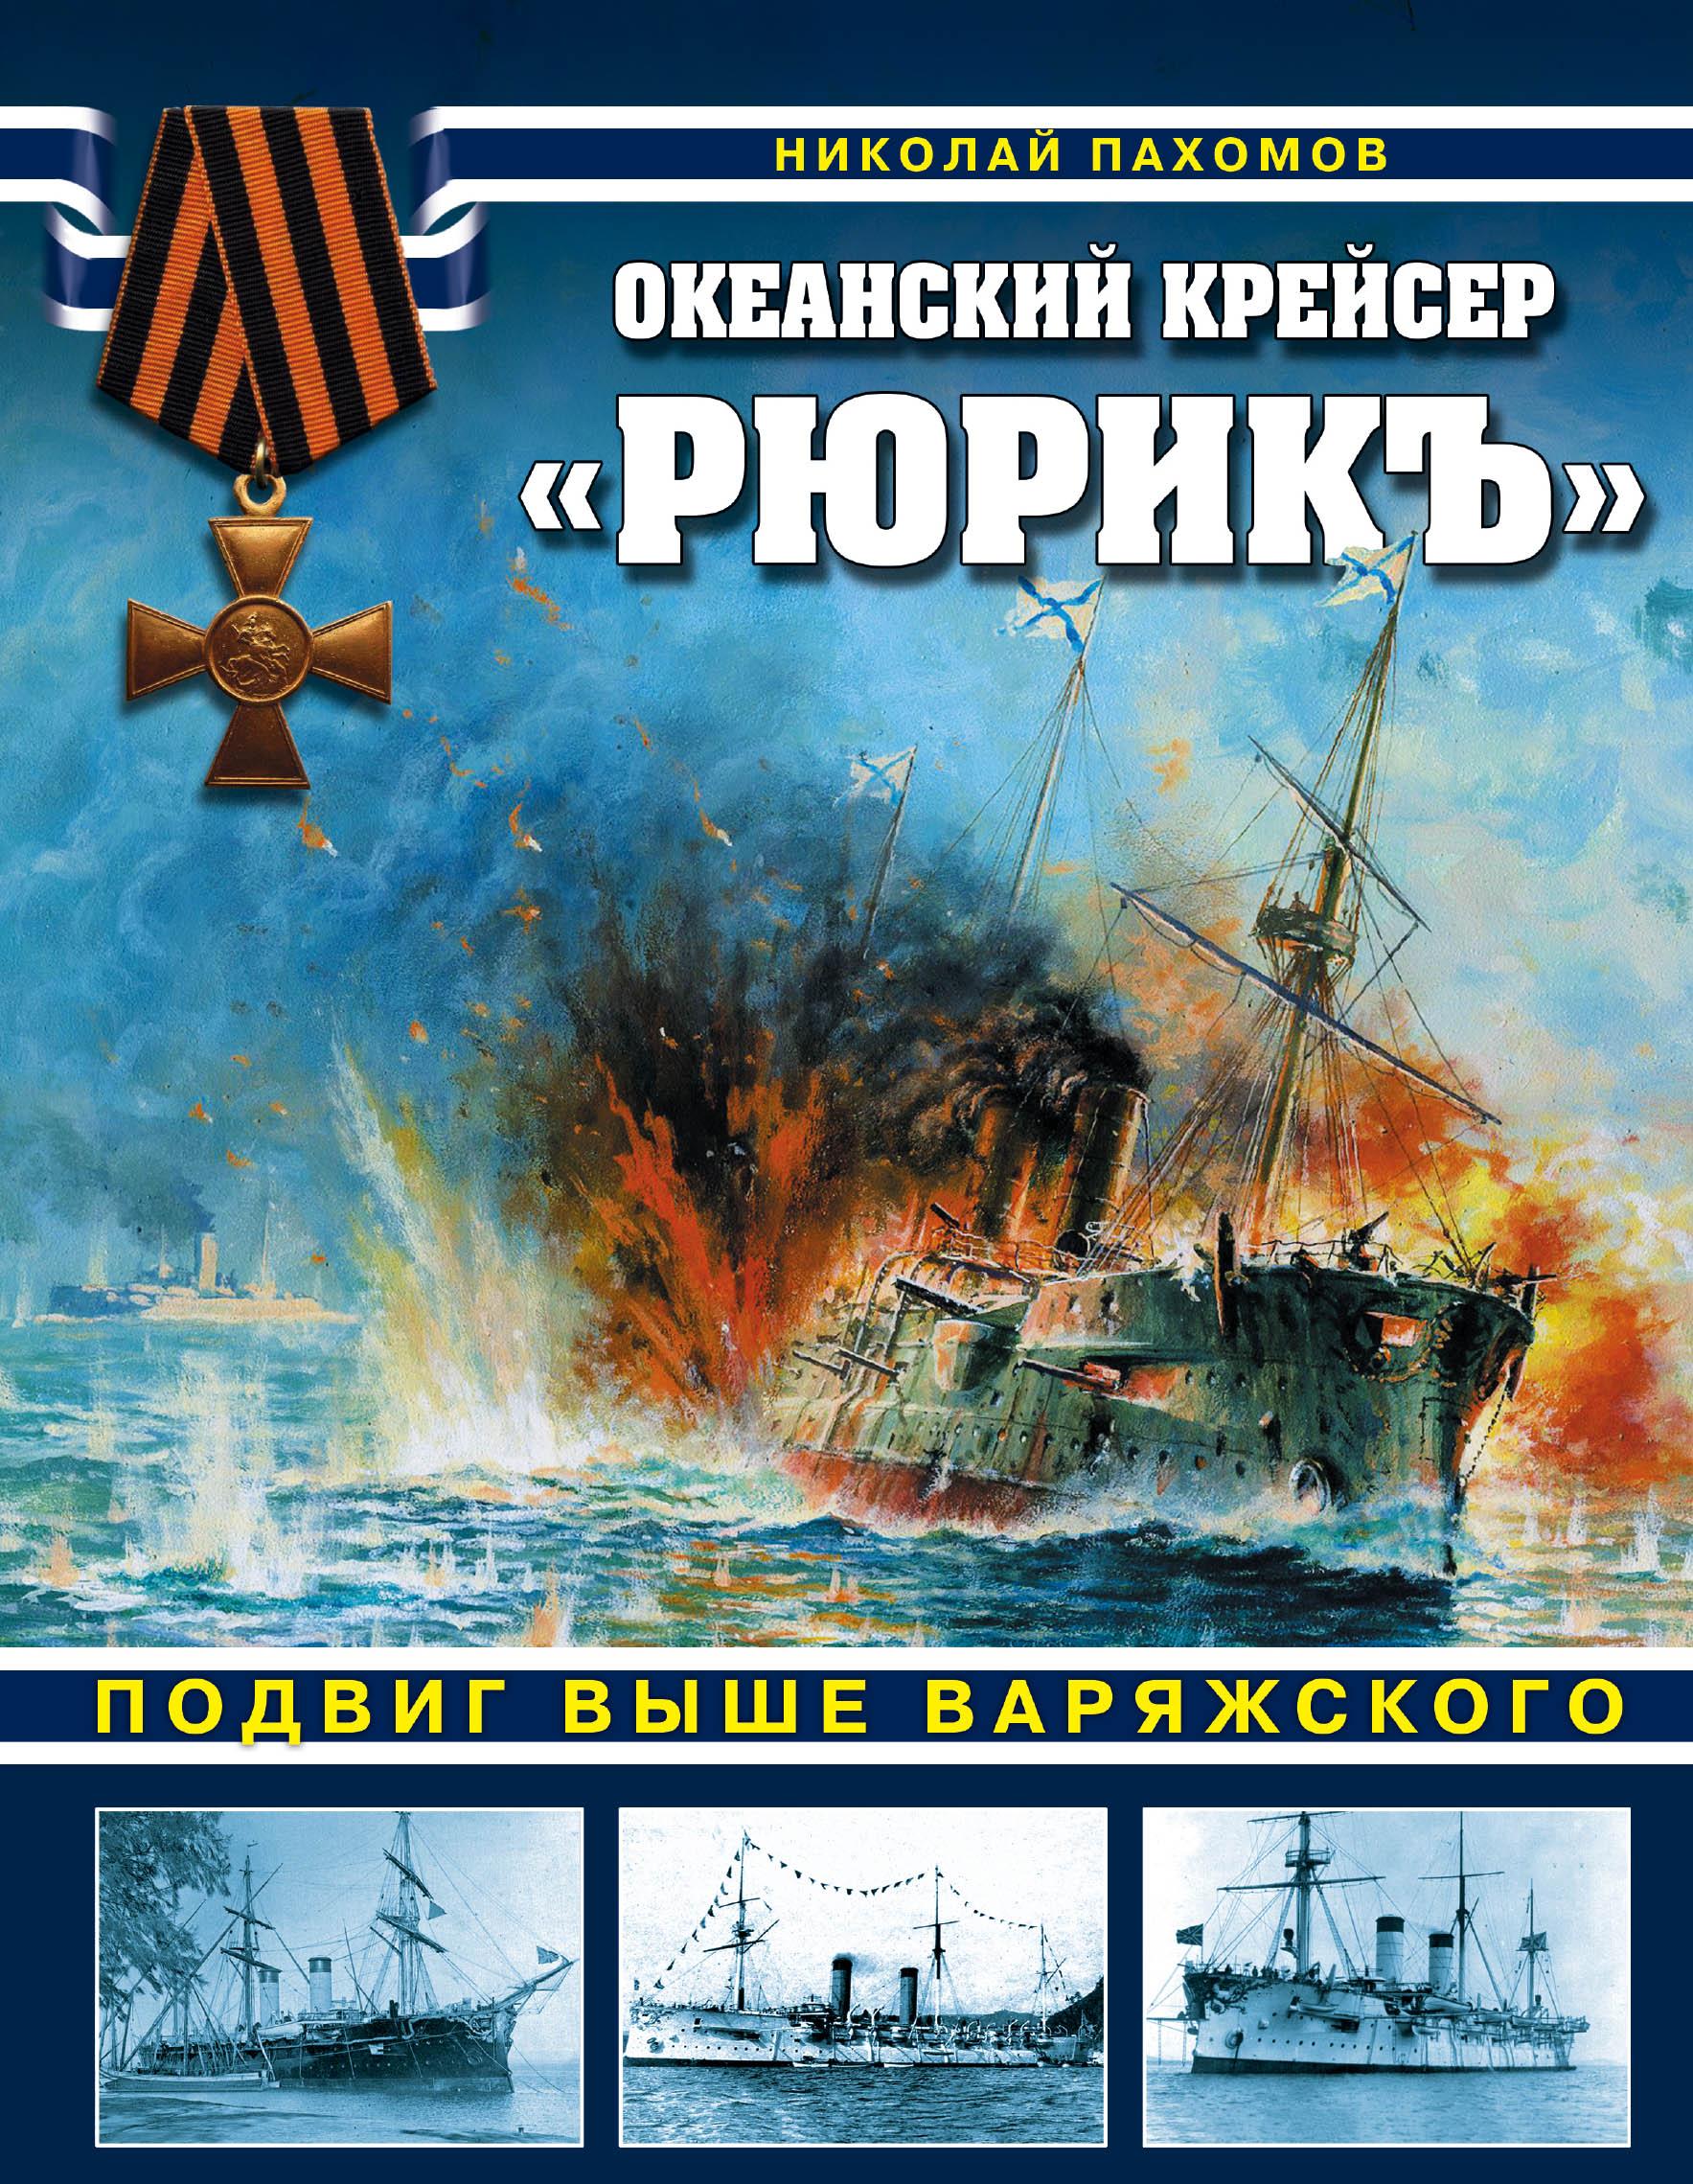 ПАХОМОВ Н. Океанский крейсер «Рюрикъ». Подвиг выше варяжского